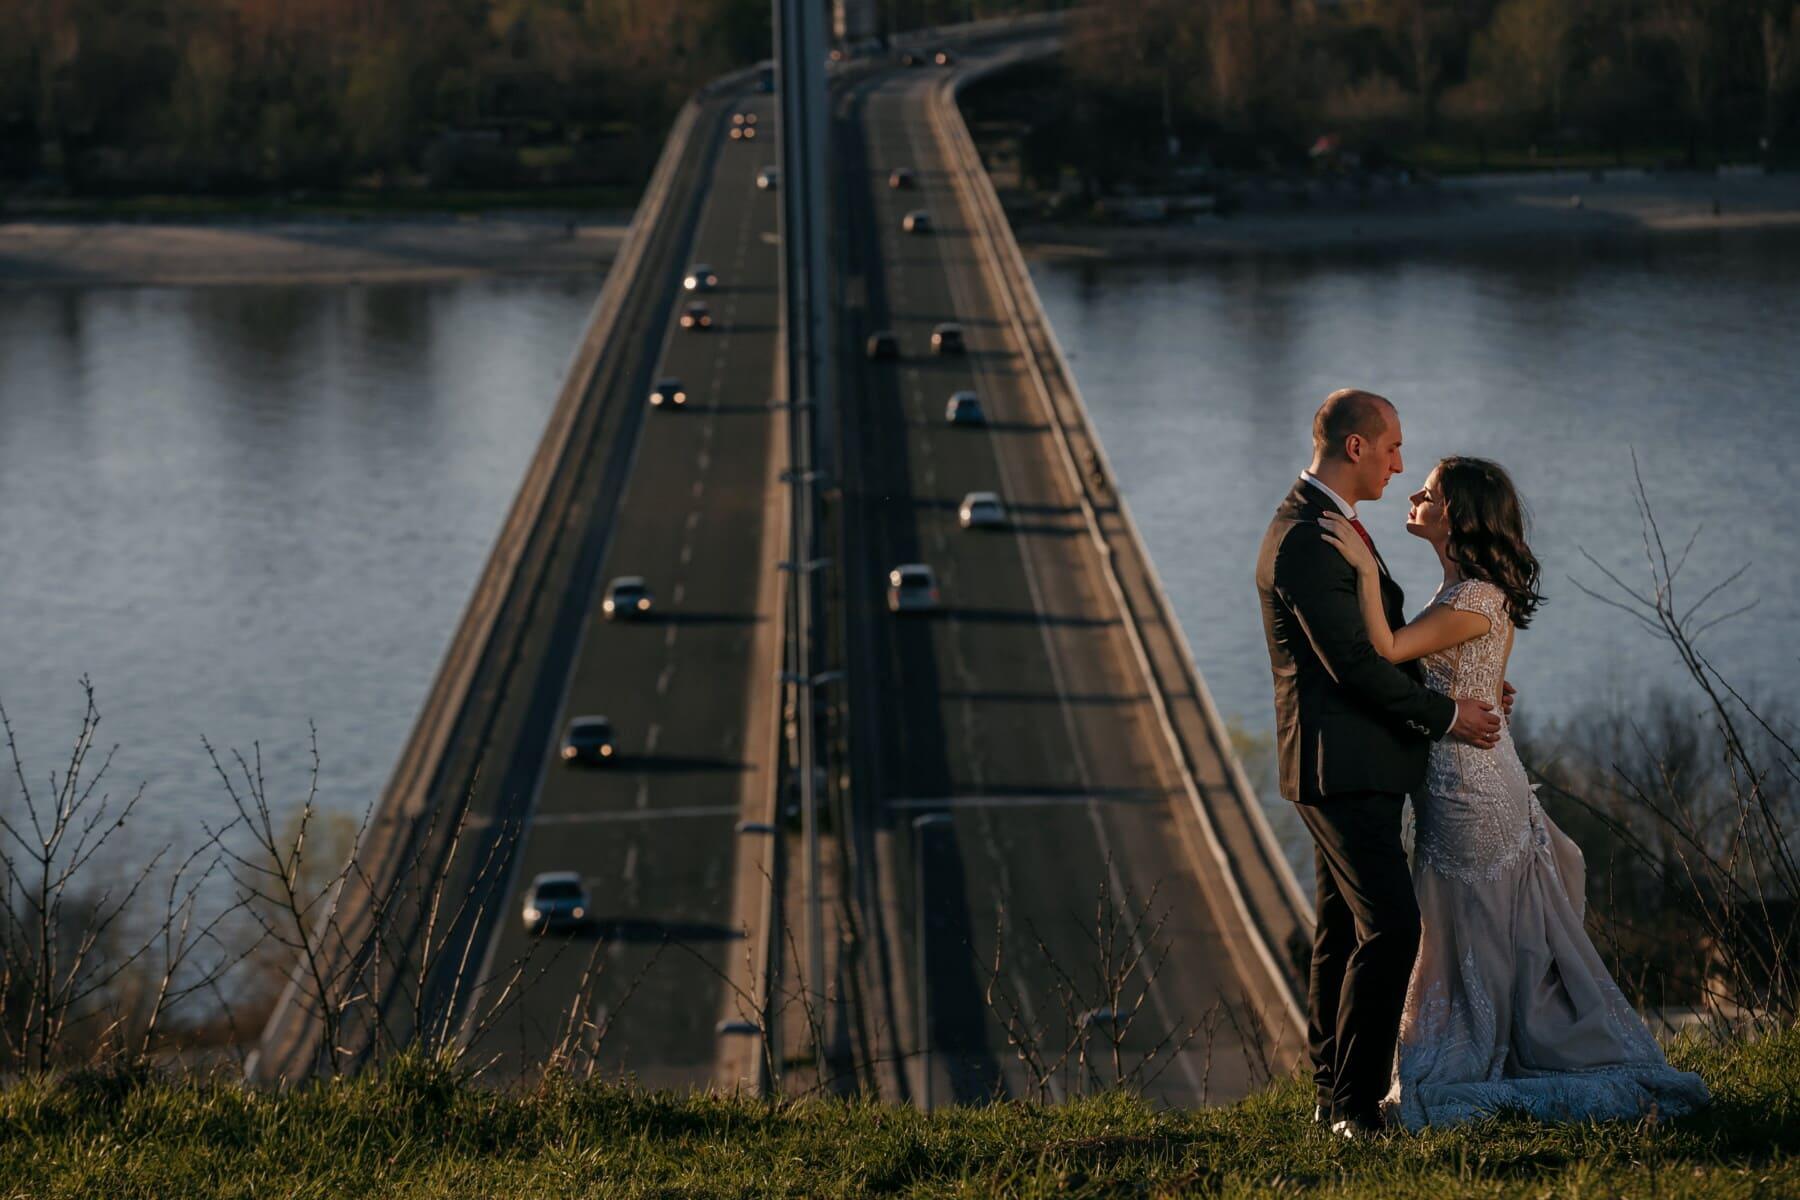 romantično, mladoženja, nevesta, vanjski, most, rijeka, voda, ljudi, djevojka, žena